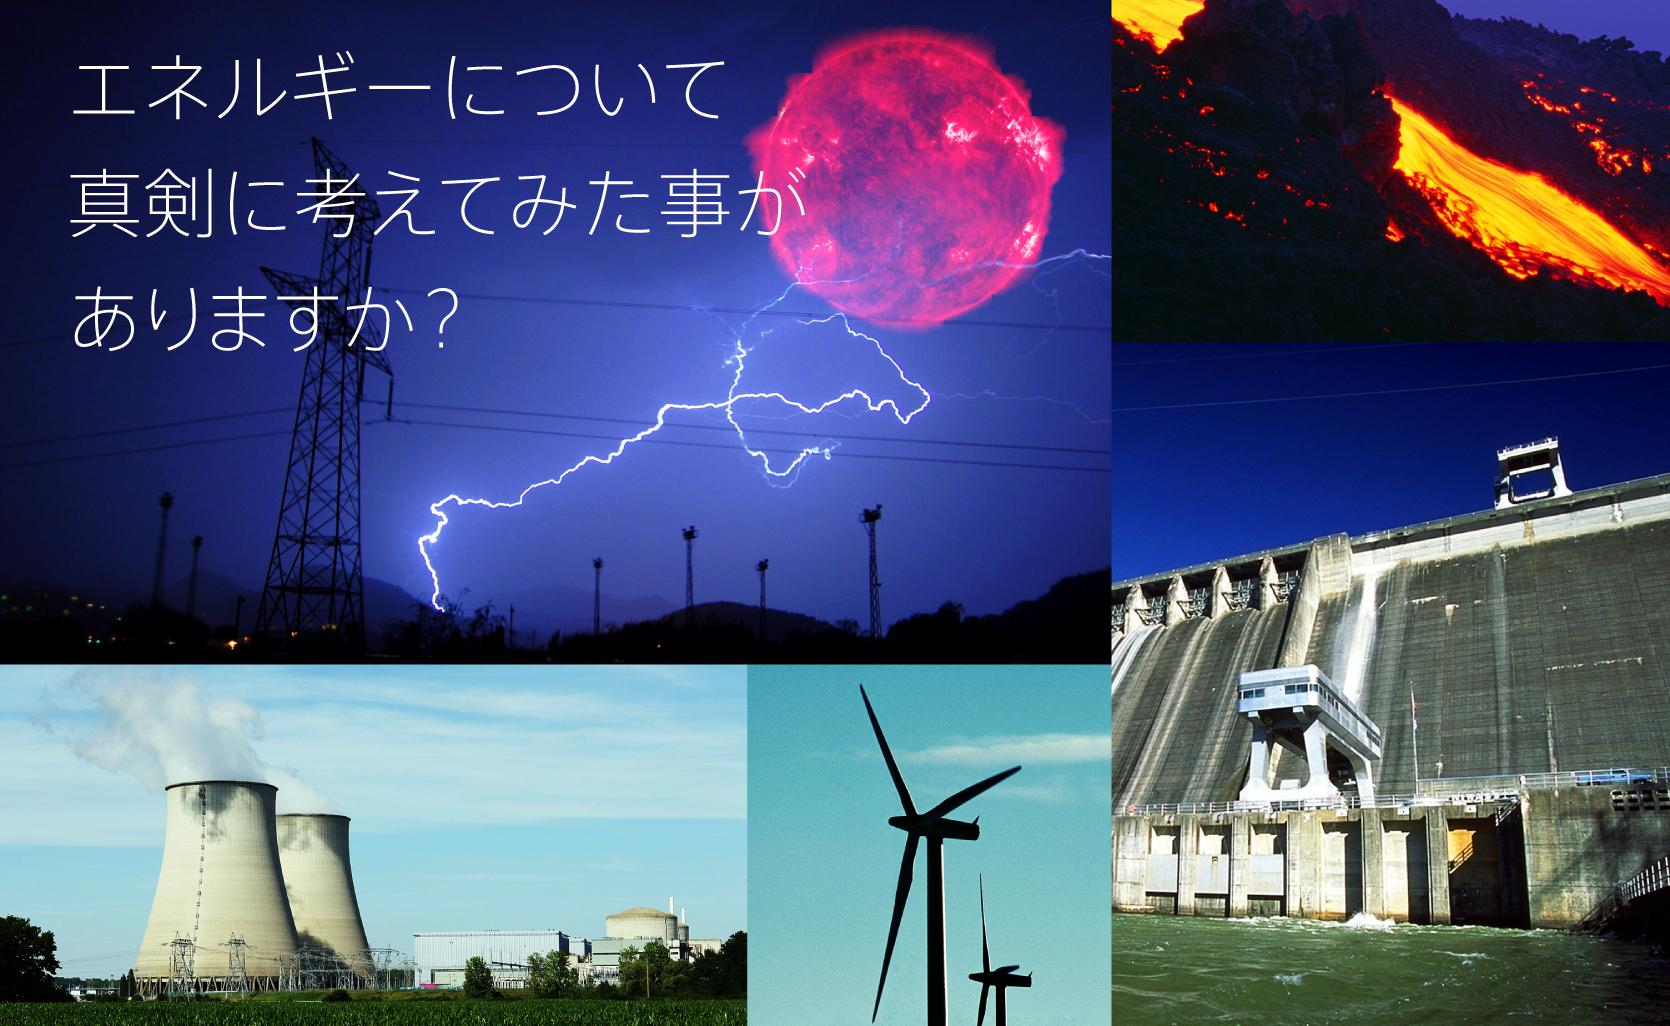 エネルギーについて真剣に考えてみた事がありますか?